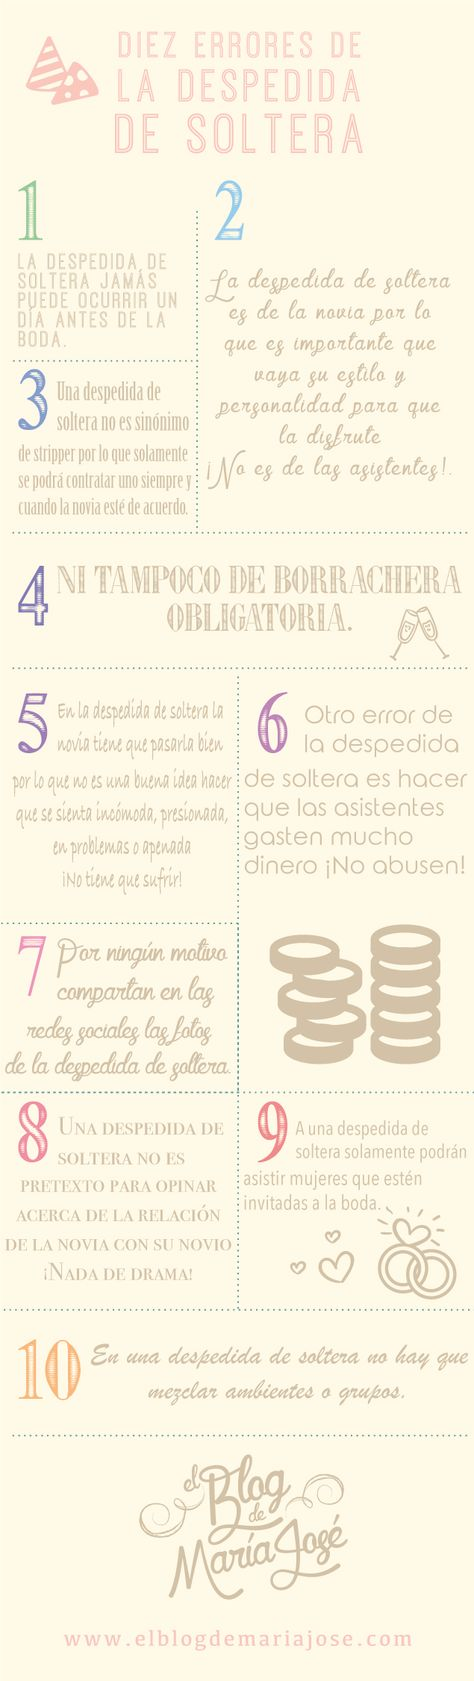 Diez errores de la despedida de soltera #bodas #ElBlogdeMaríaJosé #Despedidasoltera #infografía